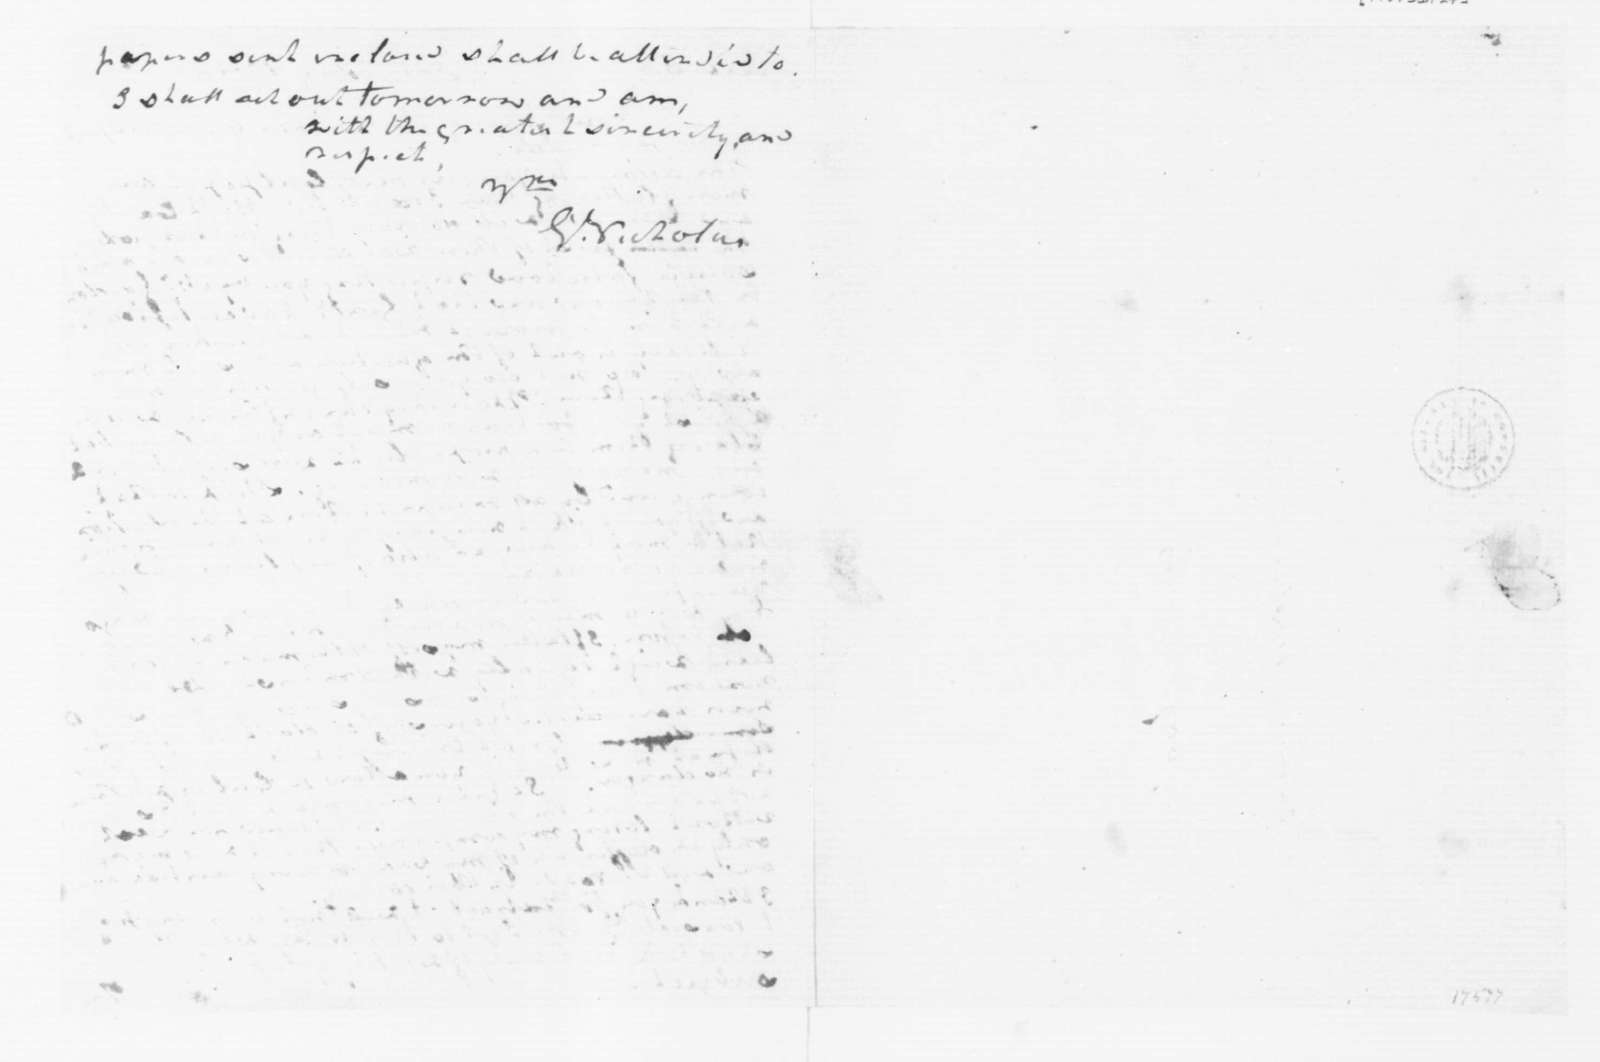 George Nicholas to James Madison, January 24, 1789.